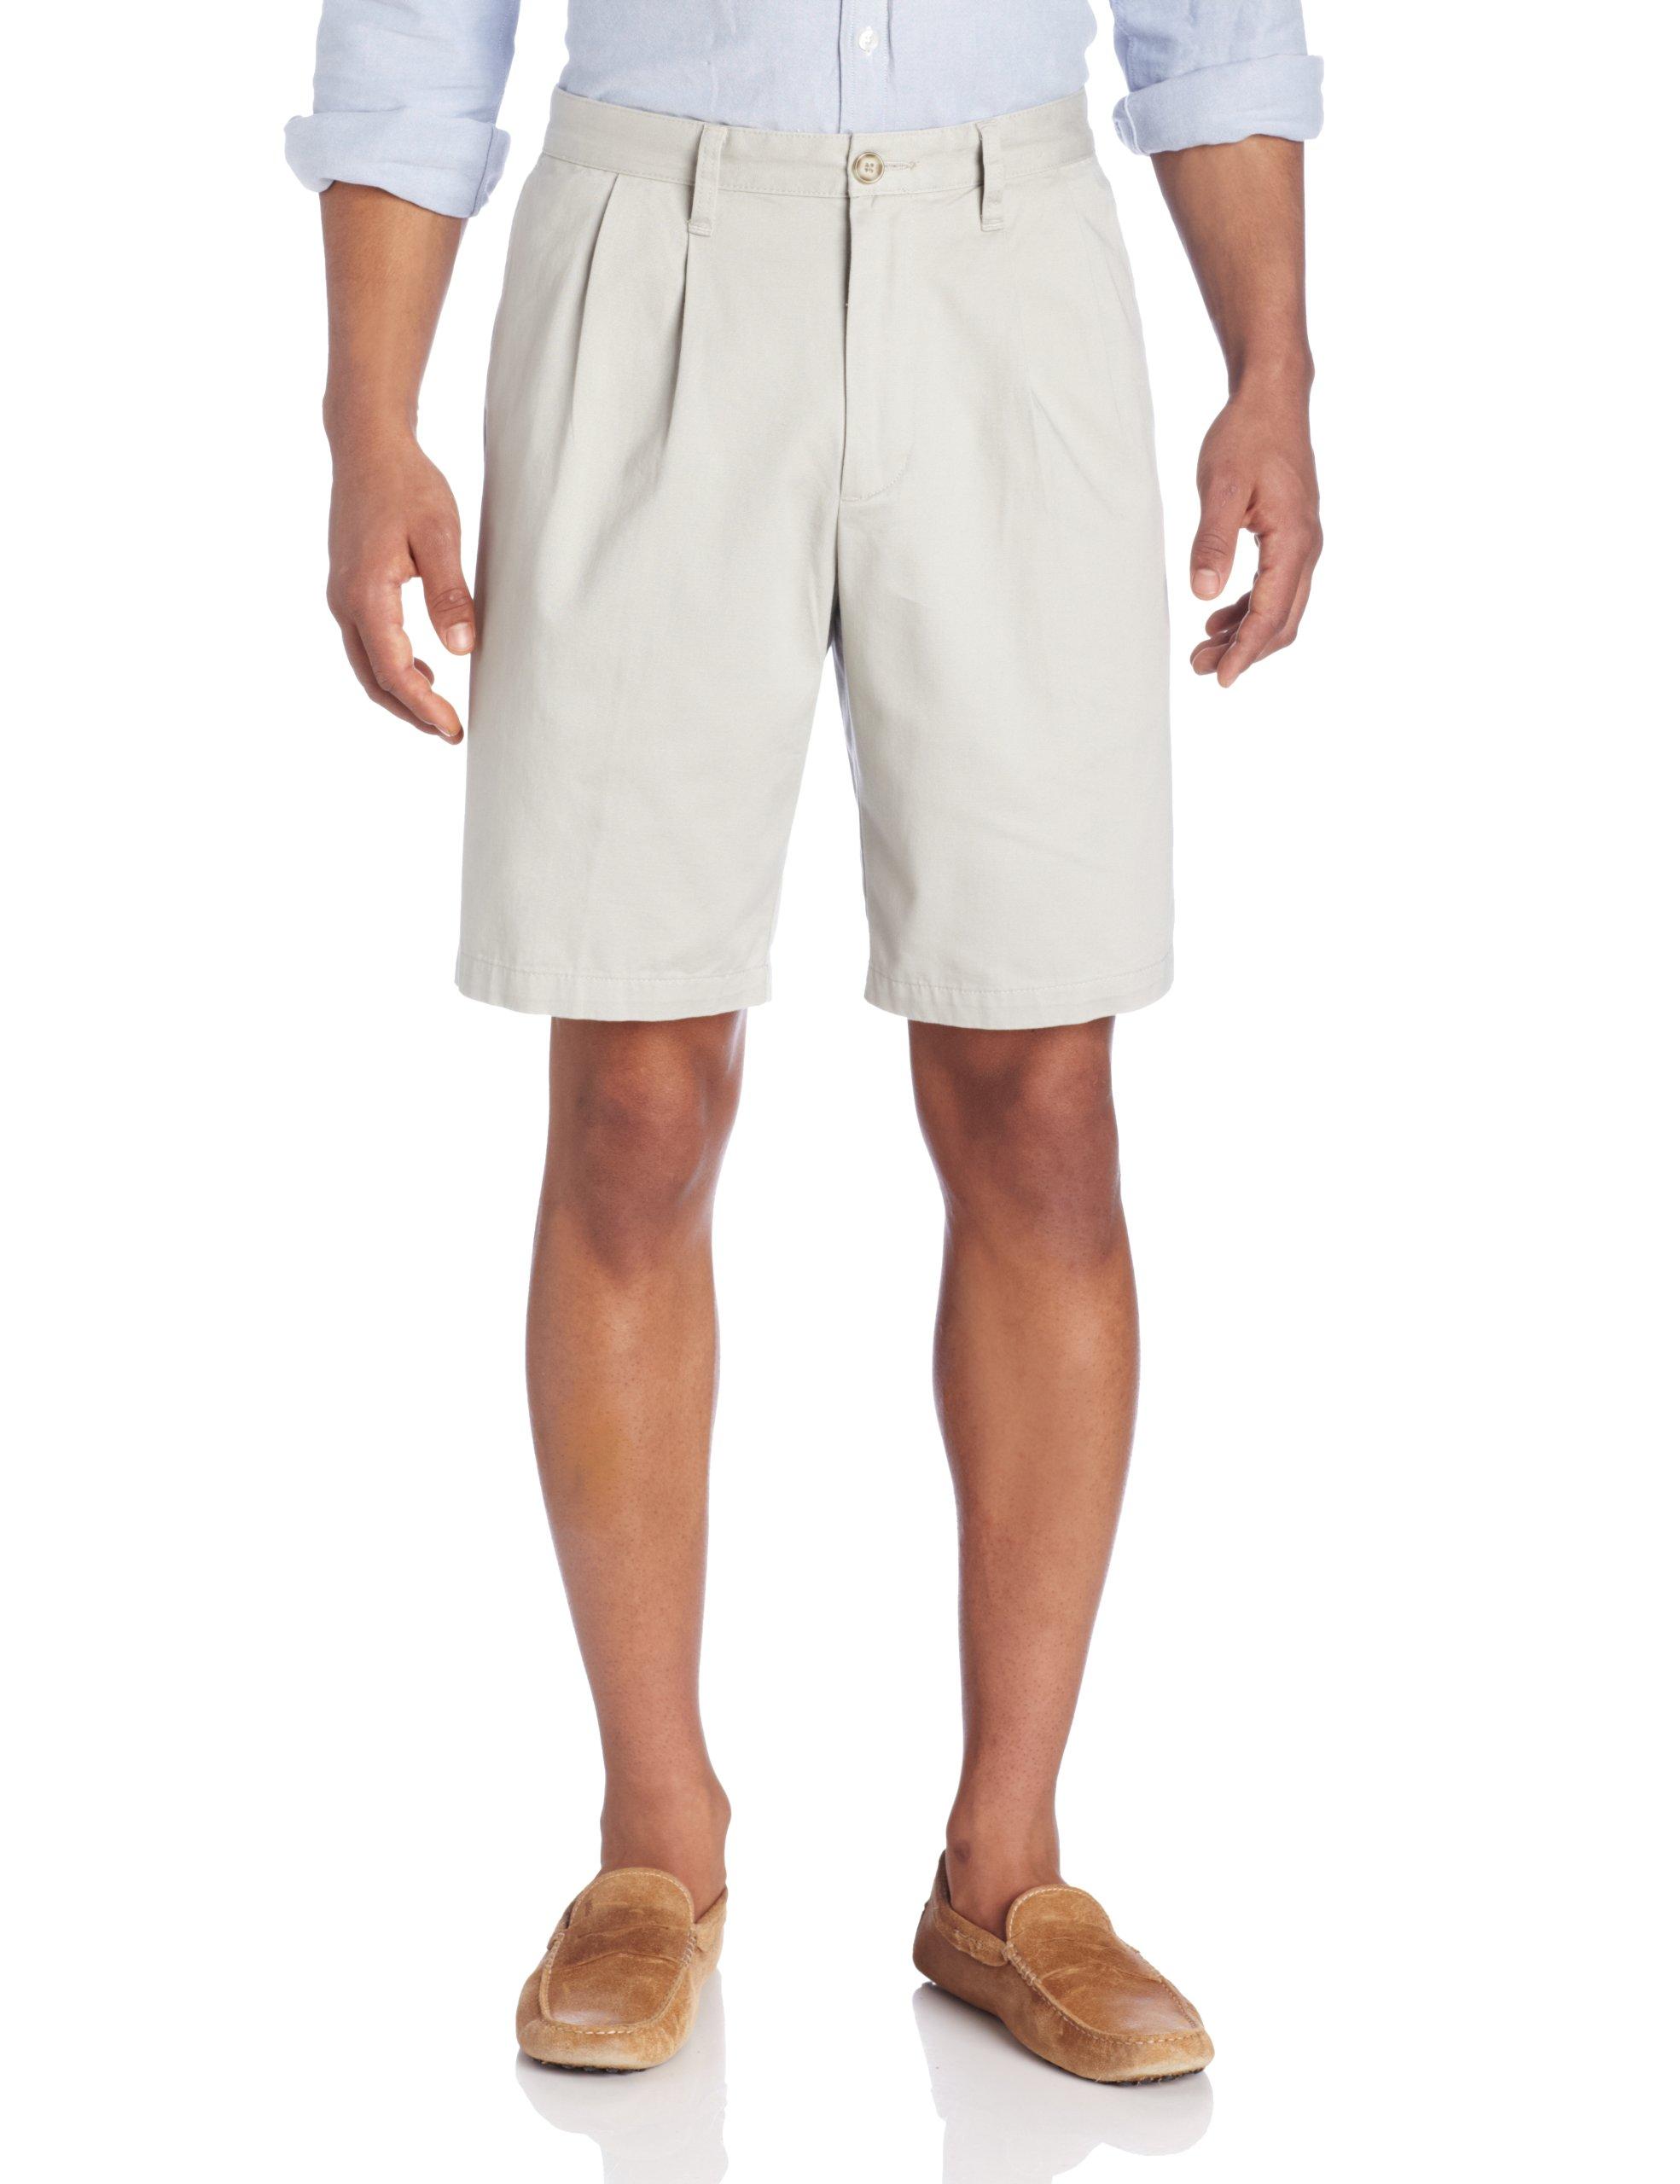 Dockers Men's Perfect Short D3 Classic-Fit Pleated Short - 29W - Porcelain Khaki (Cotton) by Dockers